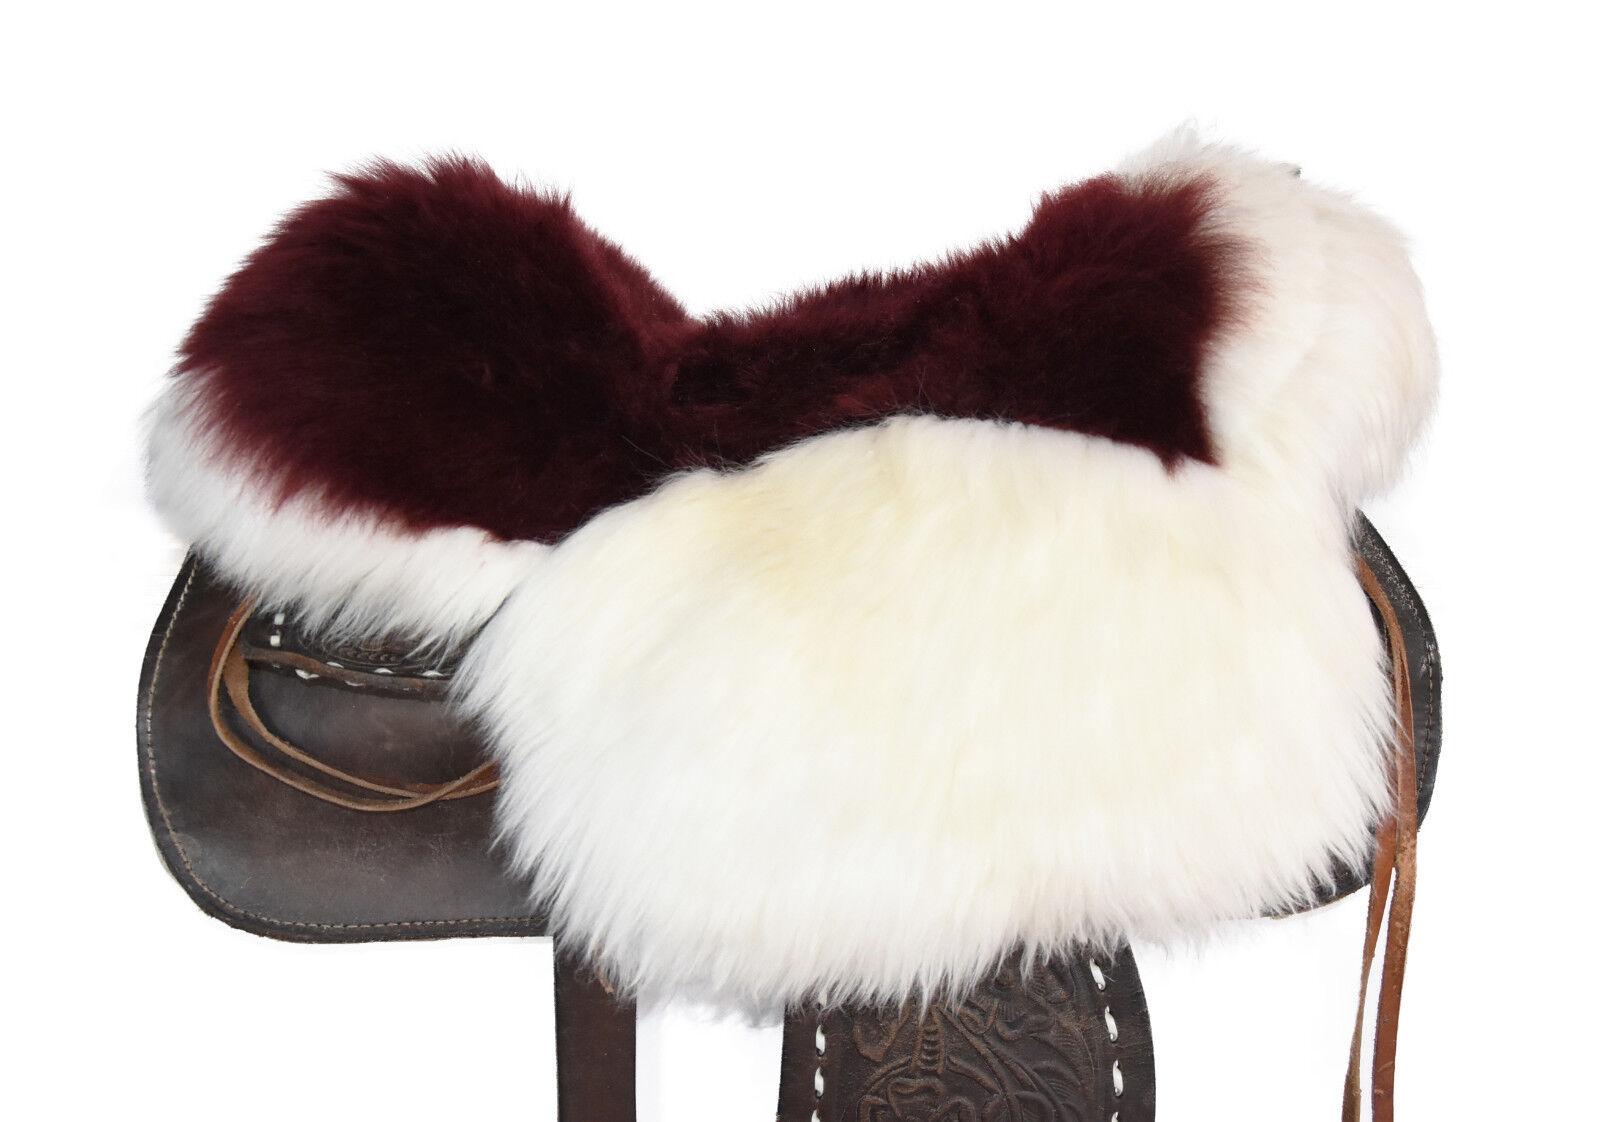 Agnello SELLA EDIZIONE Western Sella Lammfell riferimento saddle pad SEAT saver s350